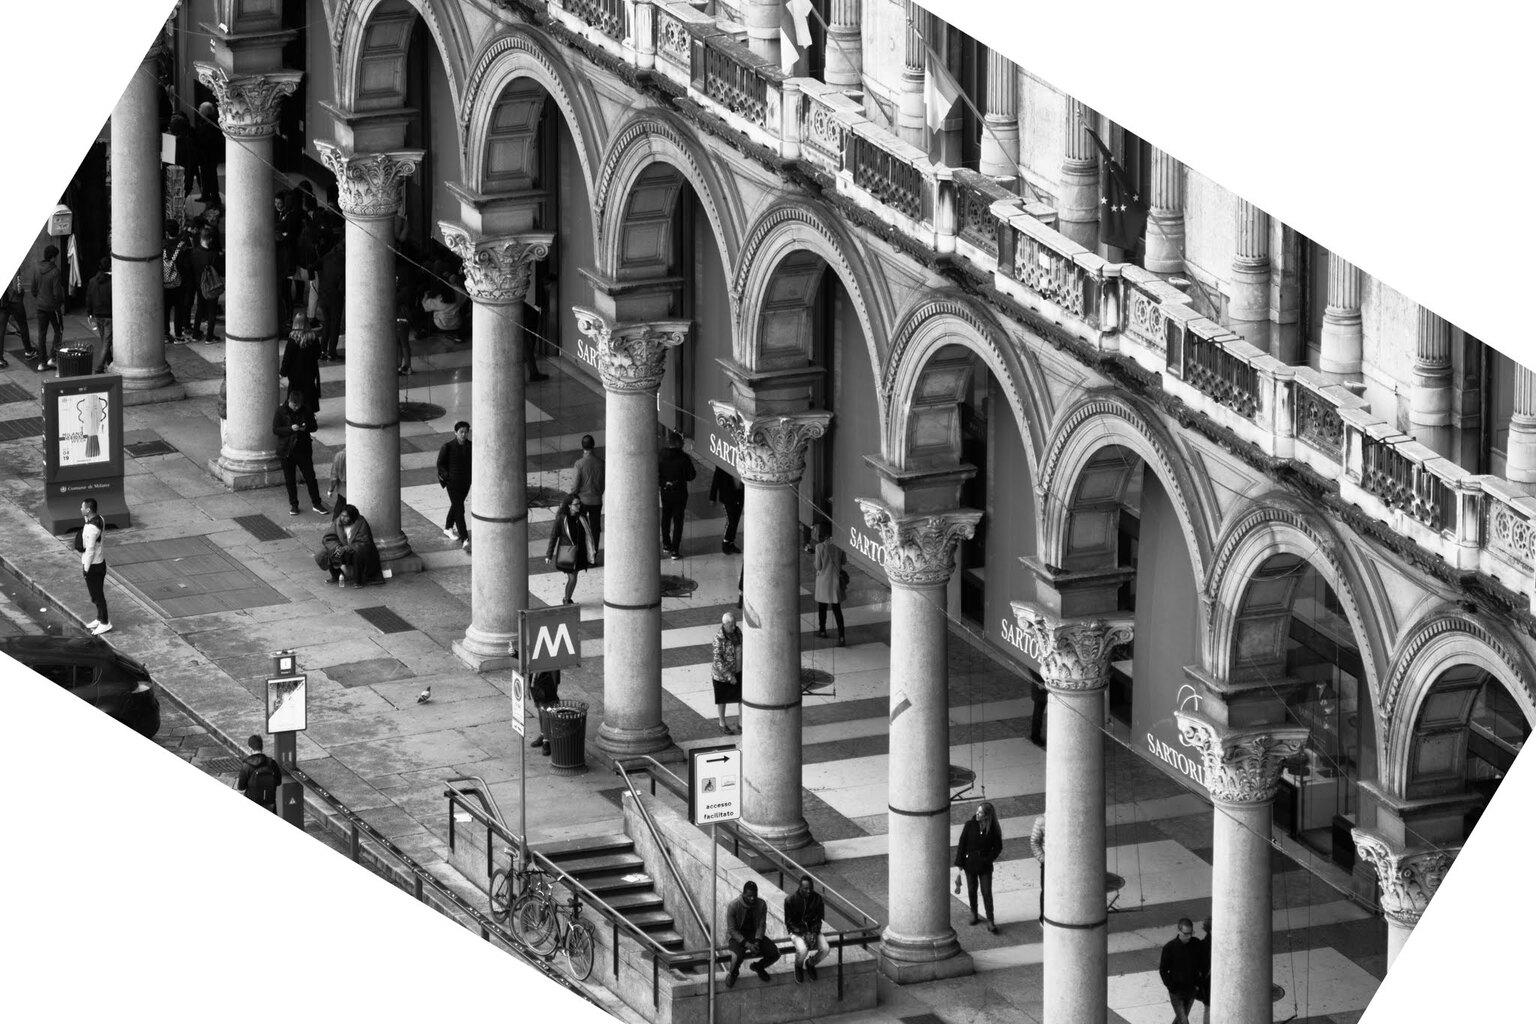 Milano - Kunstwerkje. Gefotografeerd vanaf het dak van de Duomo - foto door Defoxx op 13-04-2021 - locatie: Milaan, Italië - deze foto bevat: milaan, zwartwit, monochrome, kunst, kader, oudheid, gebouw, zwart, lucht, zwart en wit, stijl, lijn, facade, stad, symmetrie, kolom